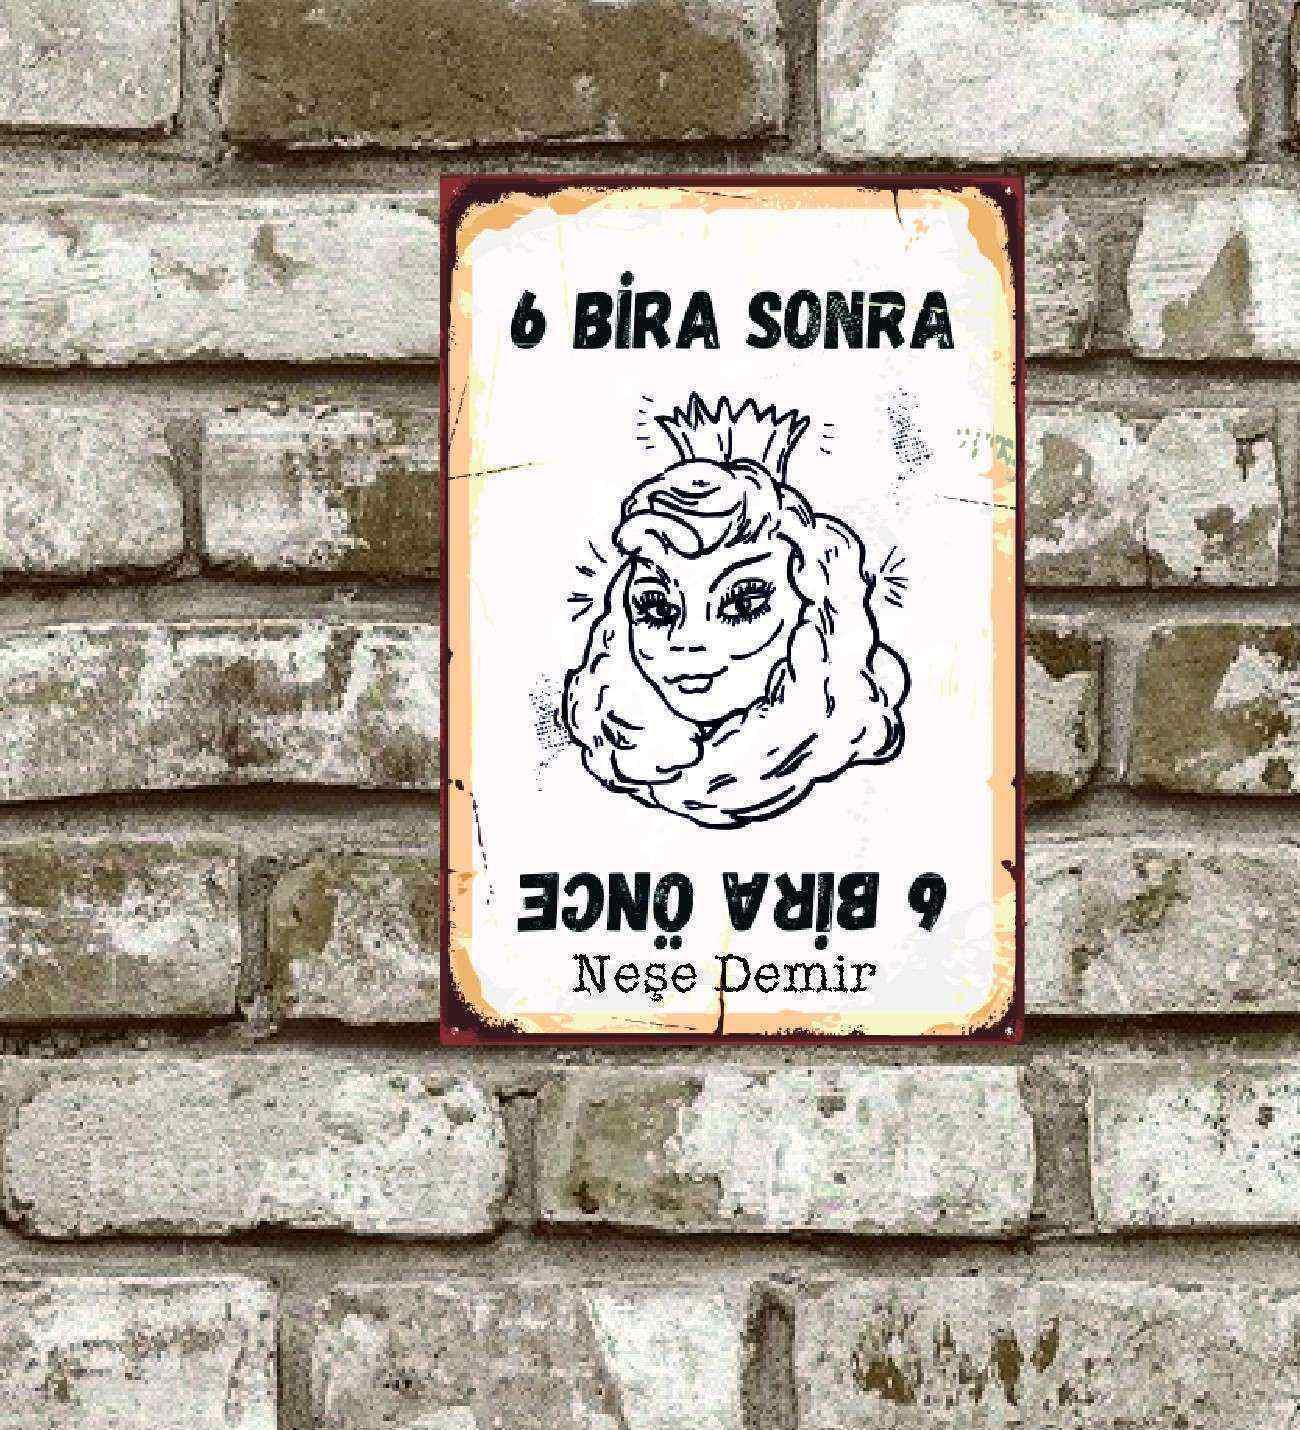 Kişiye Özel Metal 6 Bira Sonra Retro Poster (29x19)